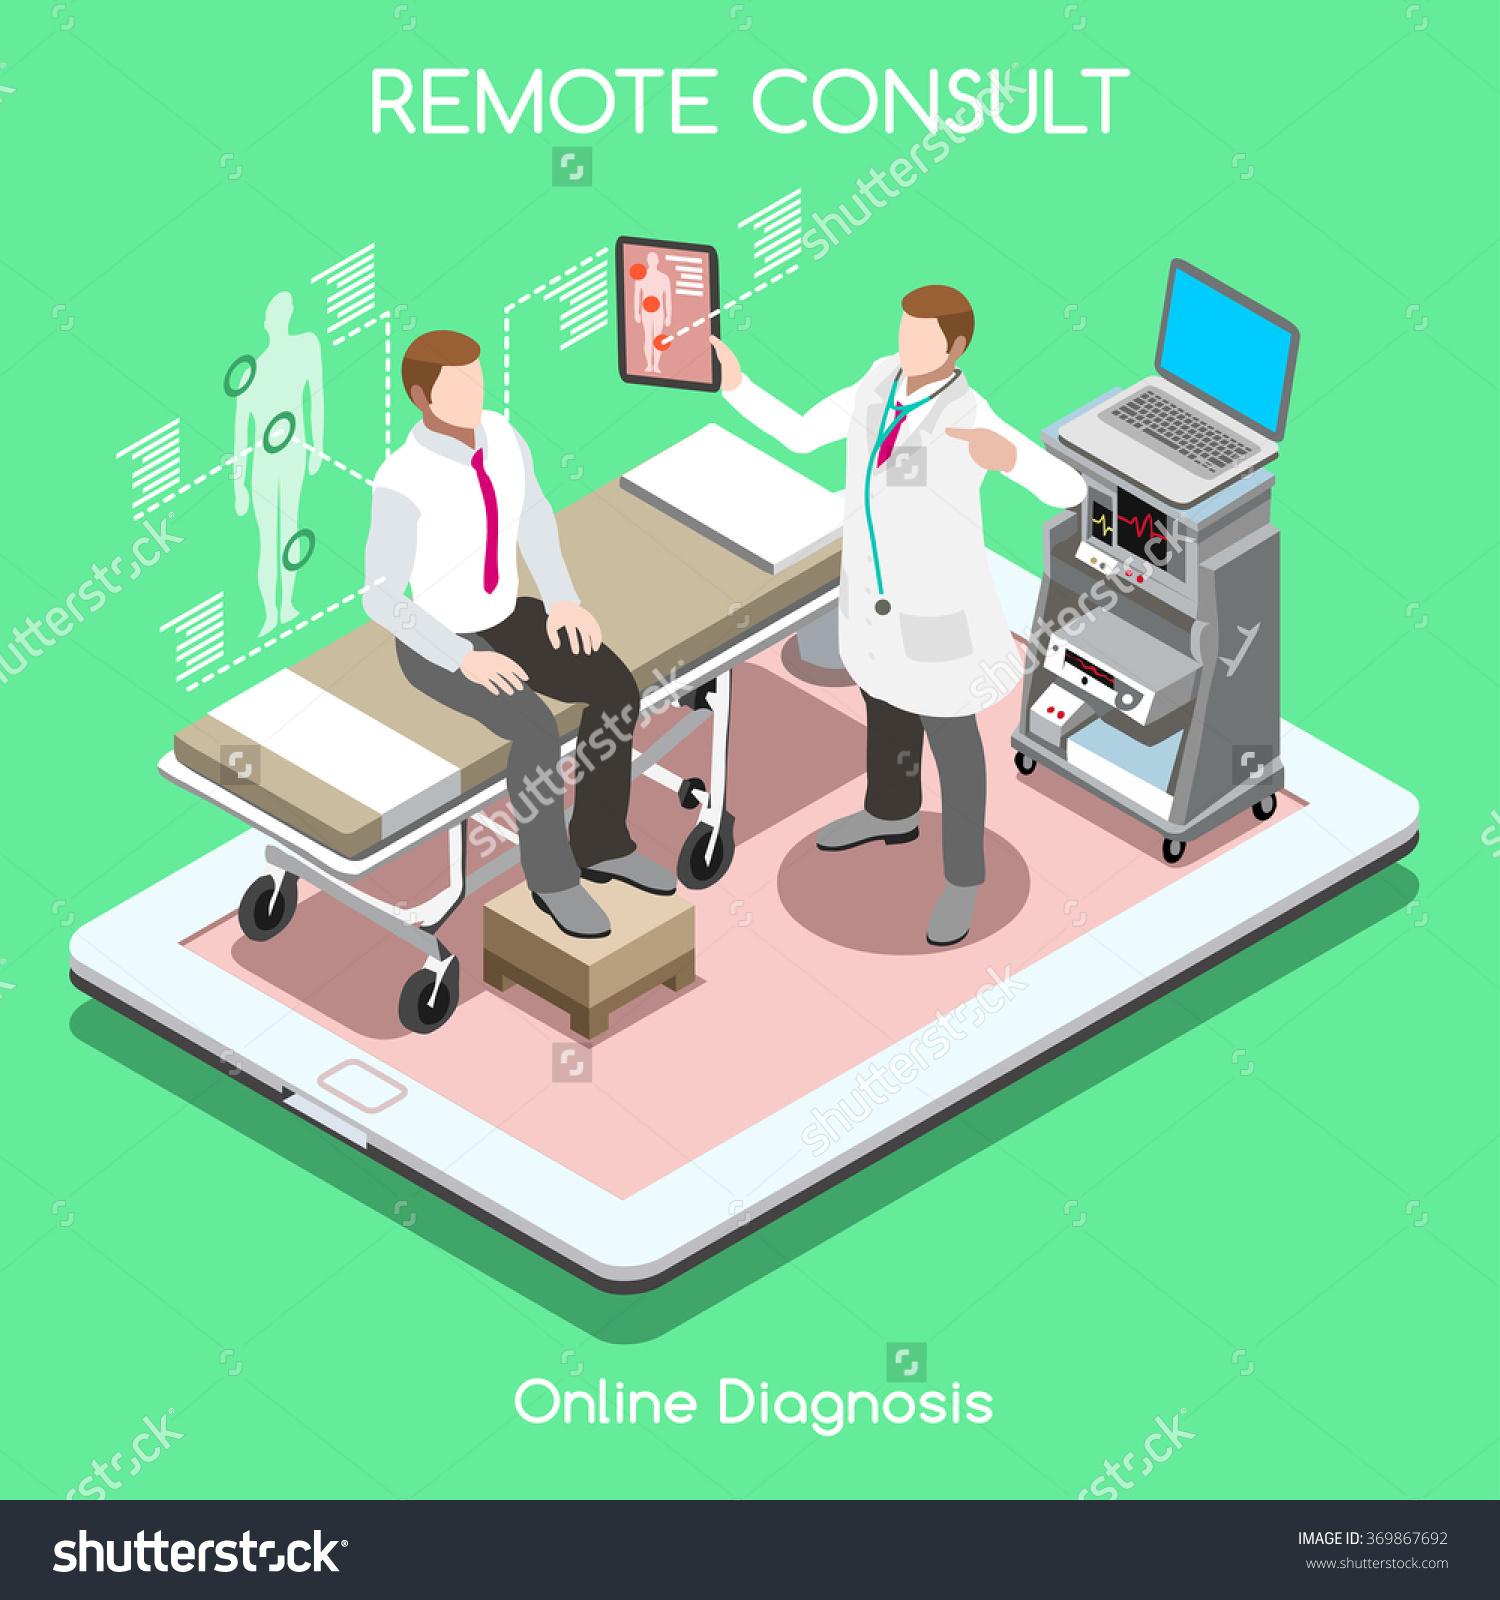 CheckUp Remote